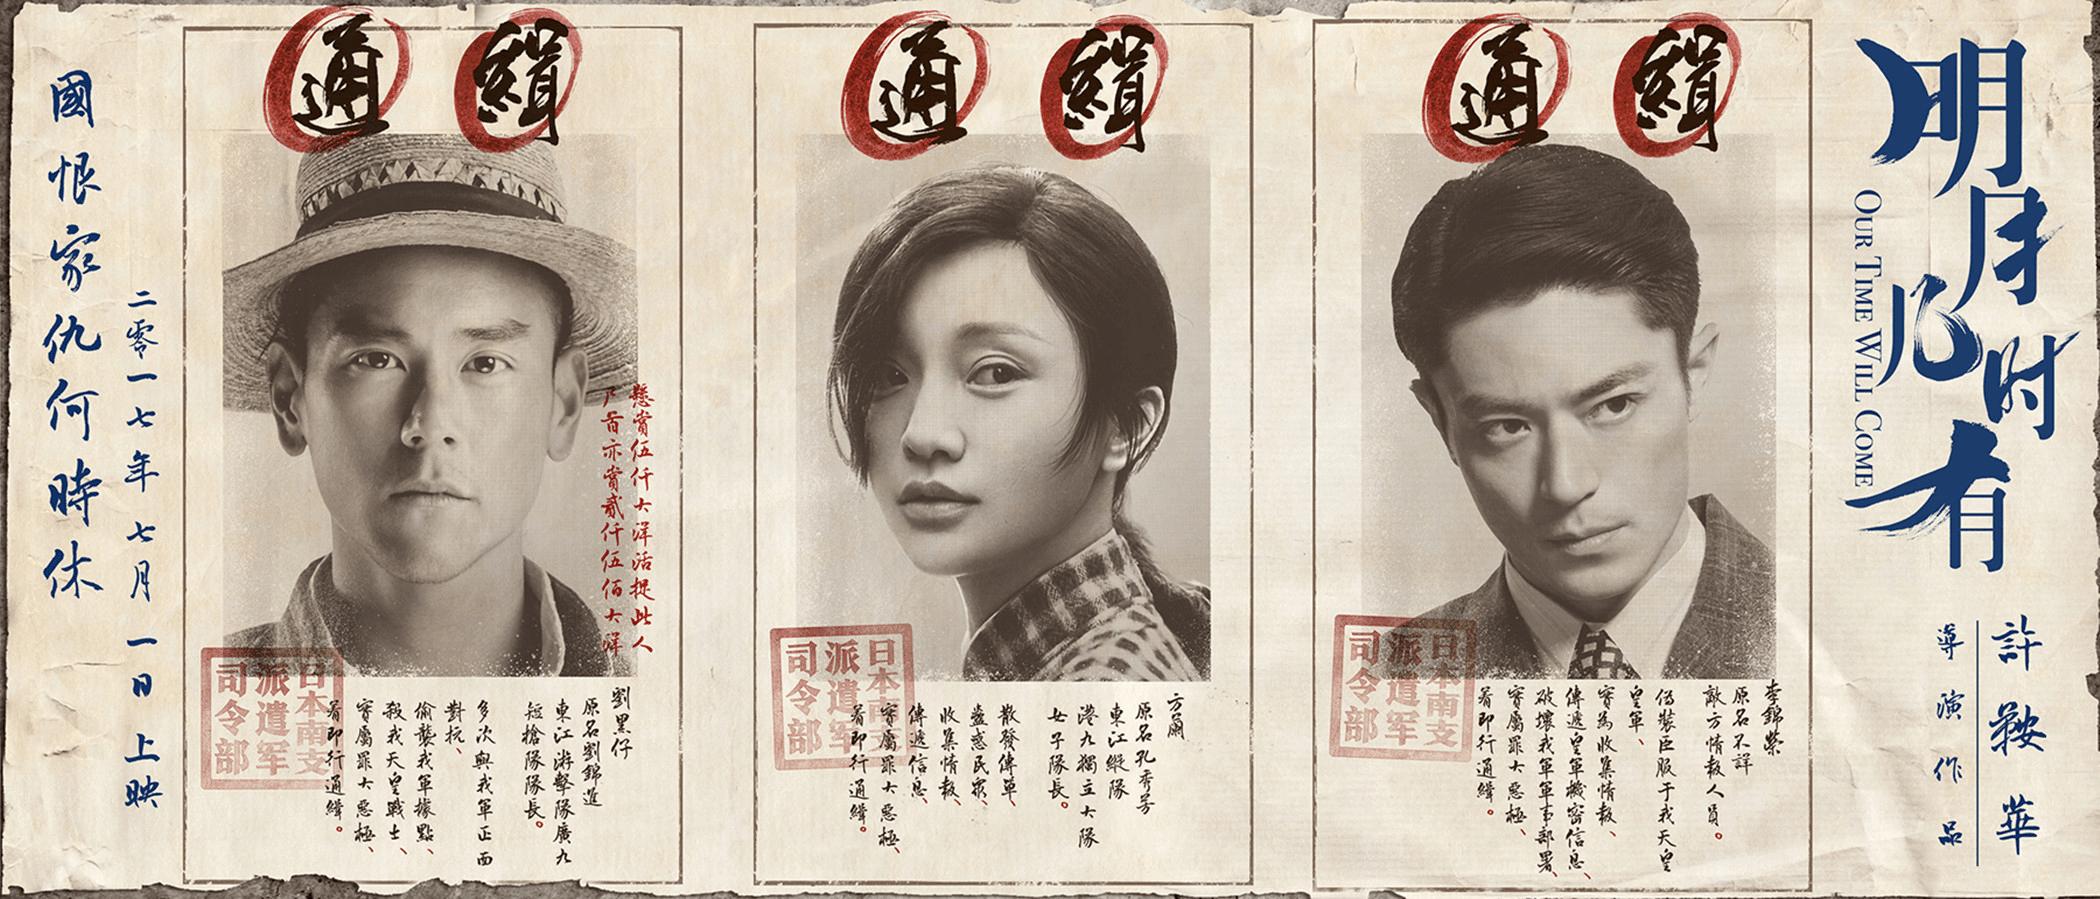 《明月》发通缉令 周迅彭于晏霍建华上黑名